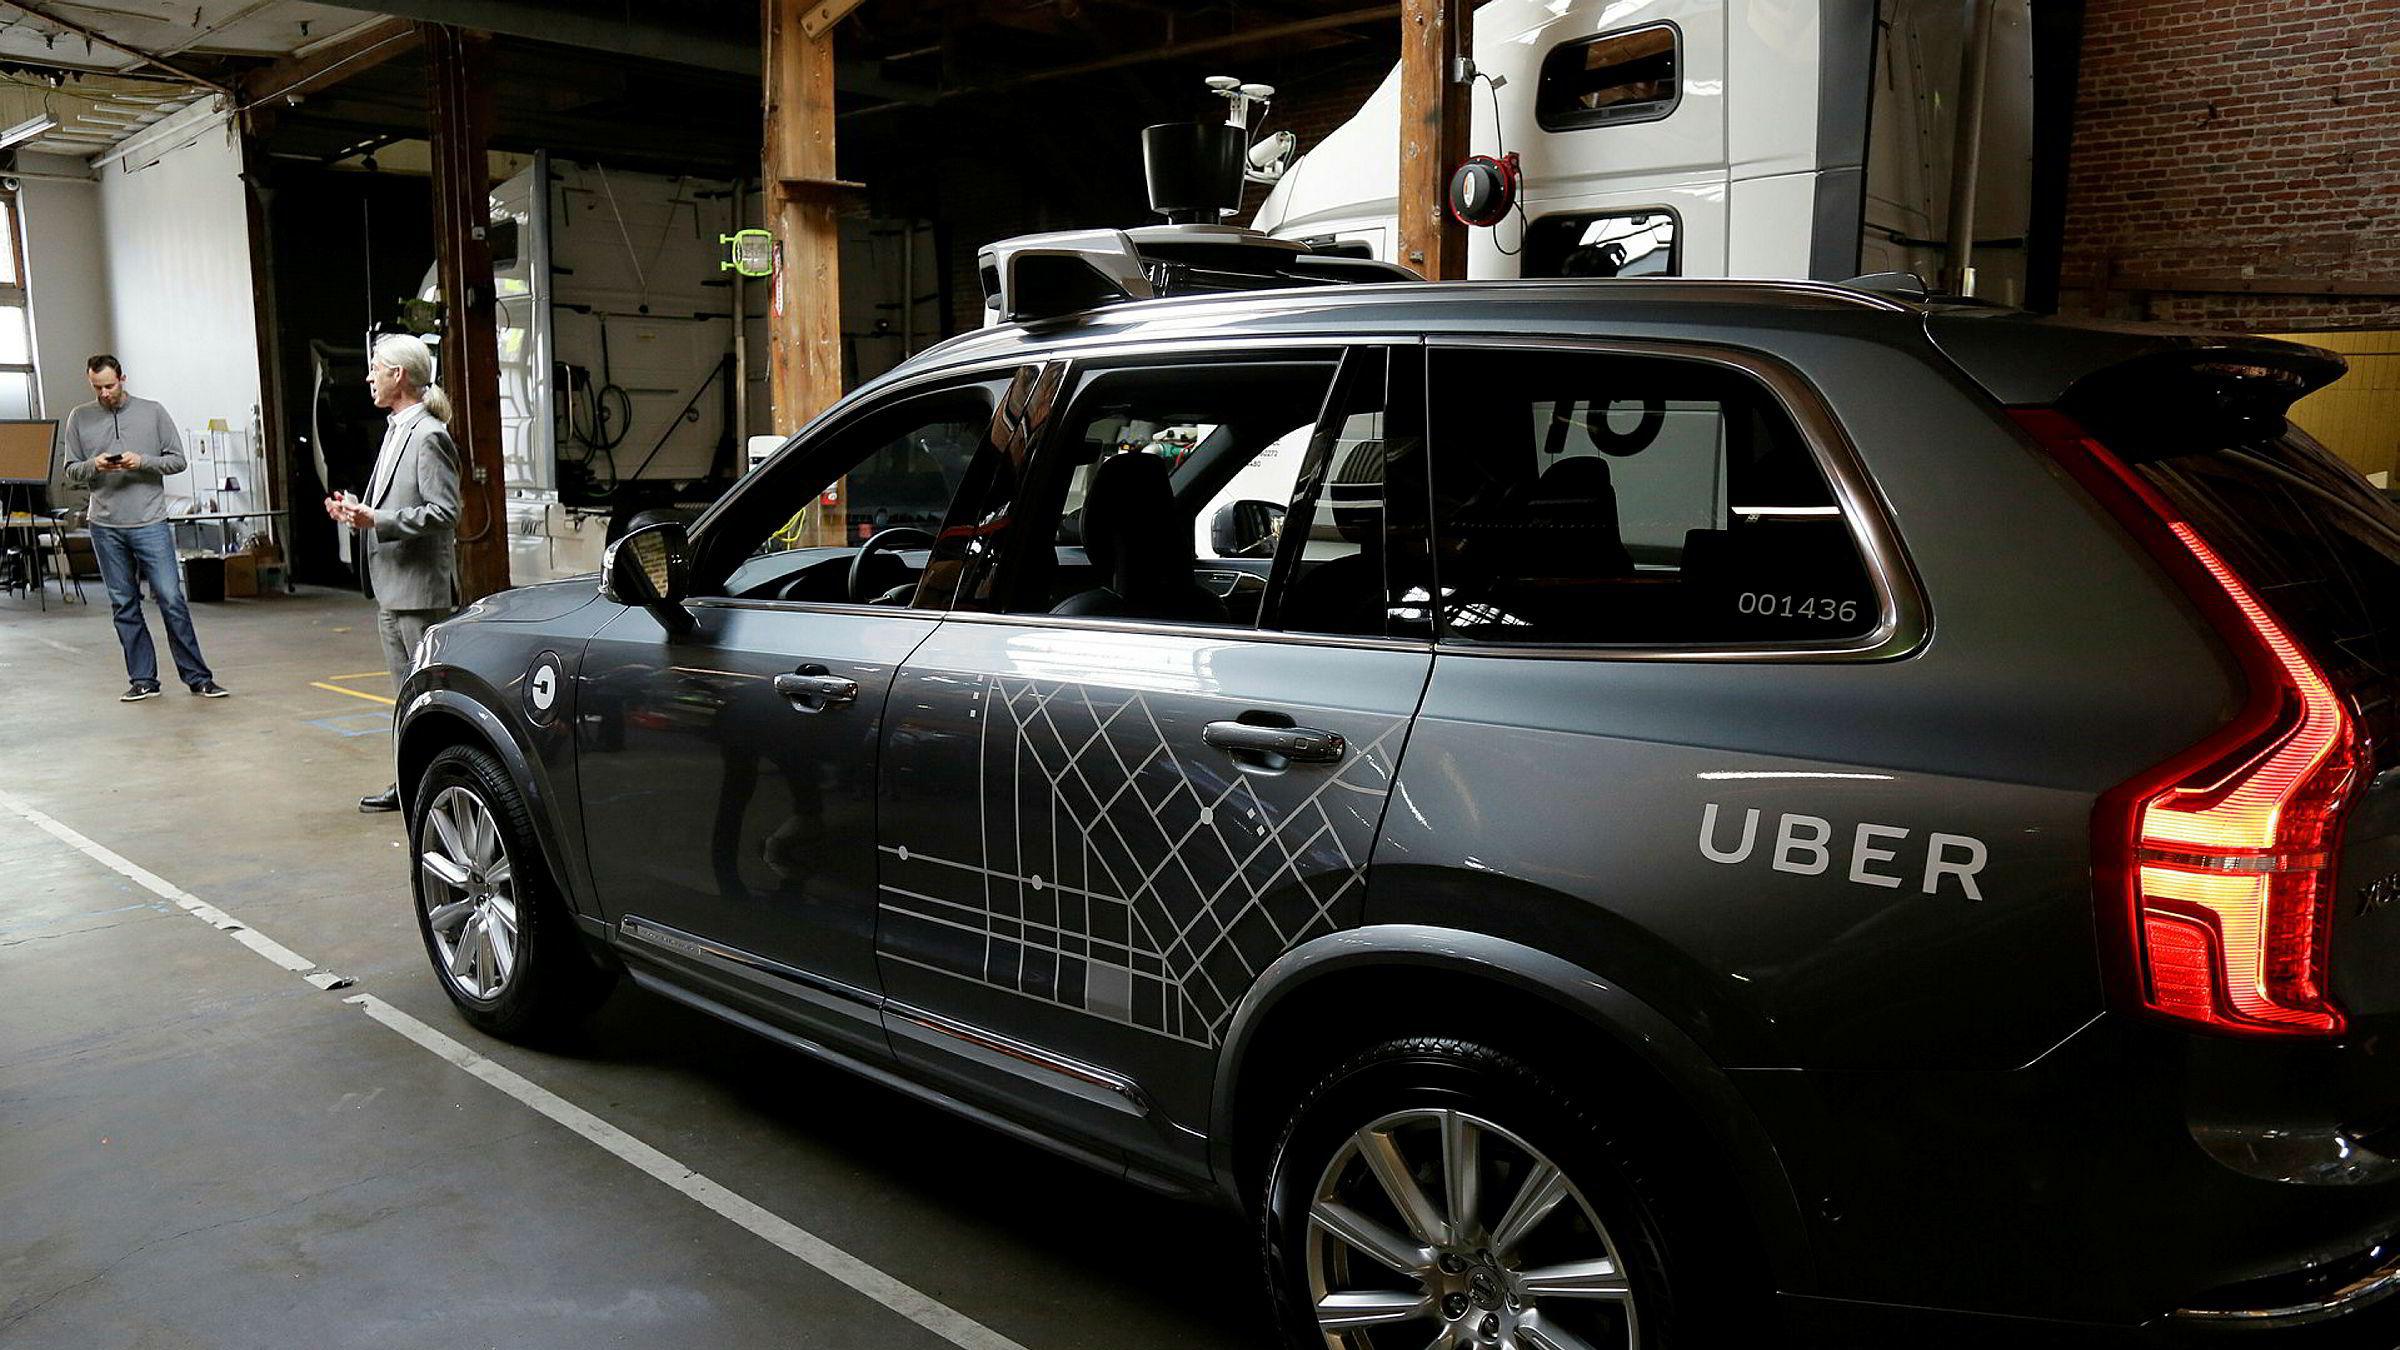 En selvkjørende bil fra Uber fotografert i en garasje i San Francisco i desember 2016.